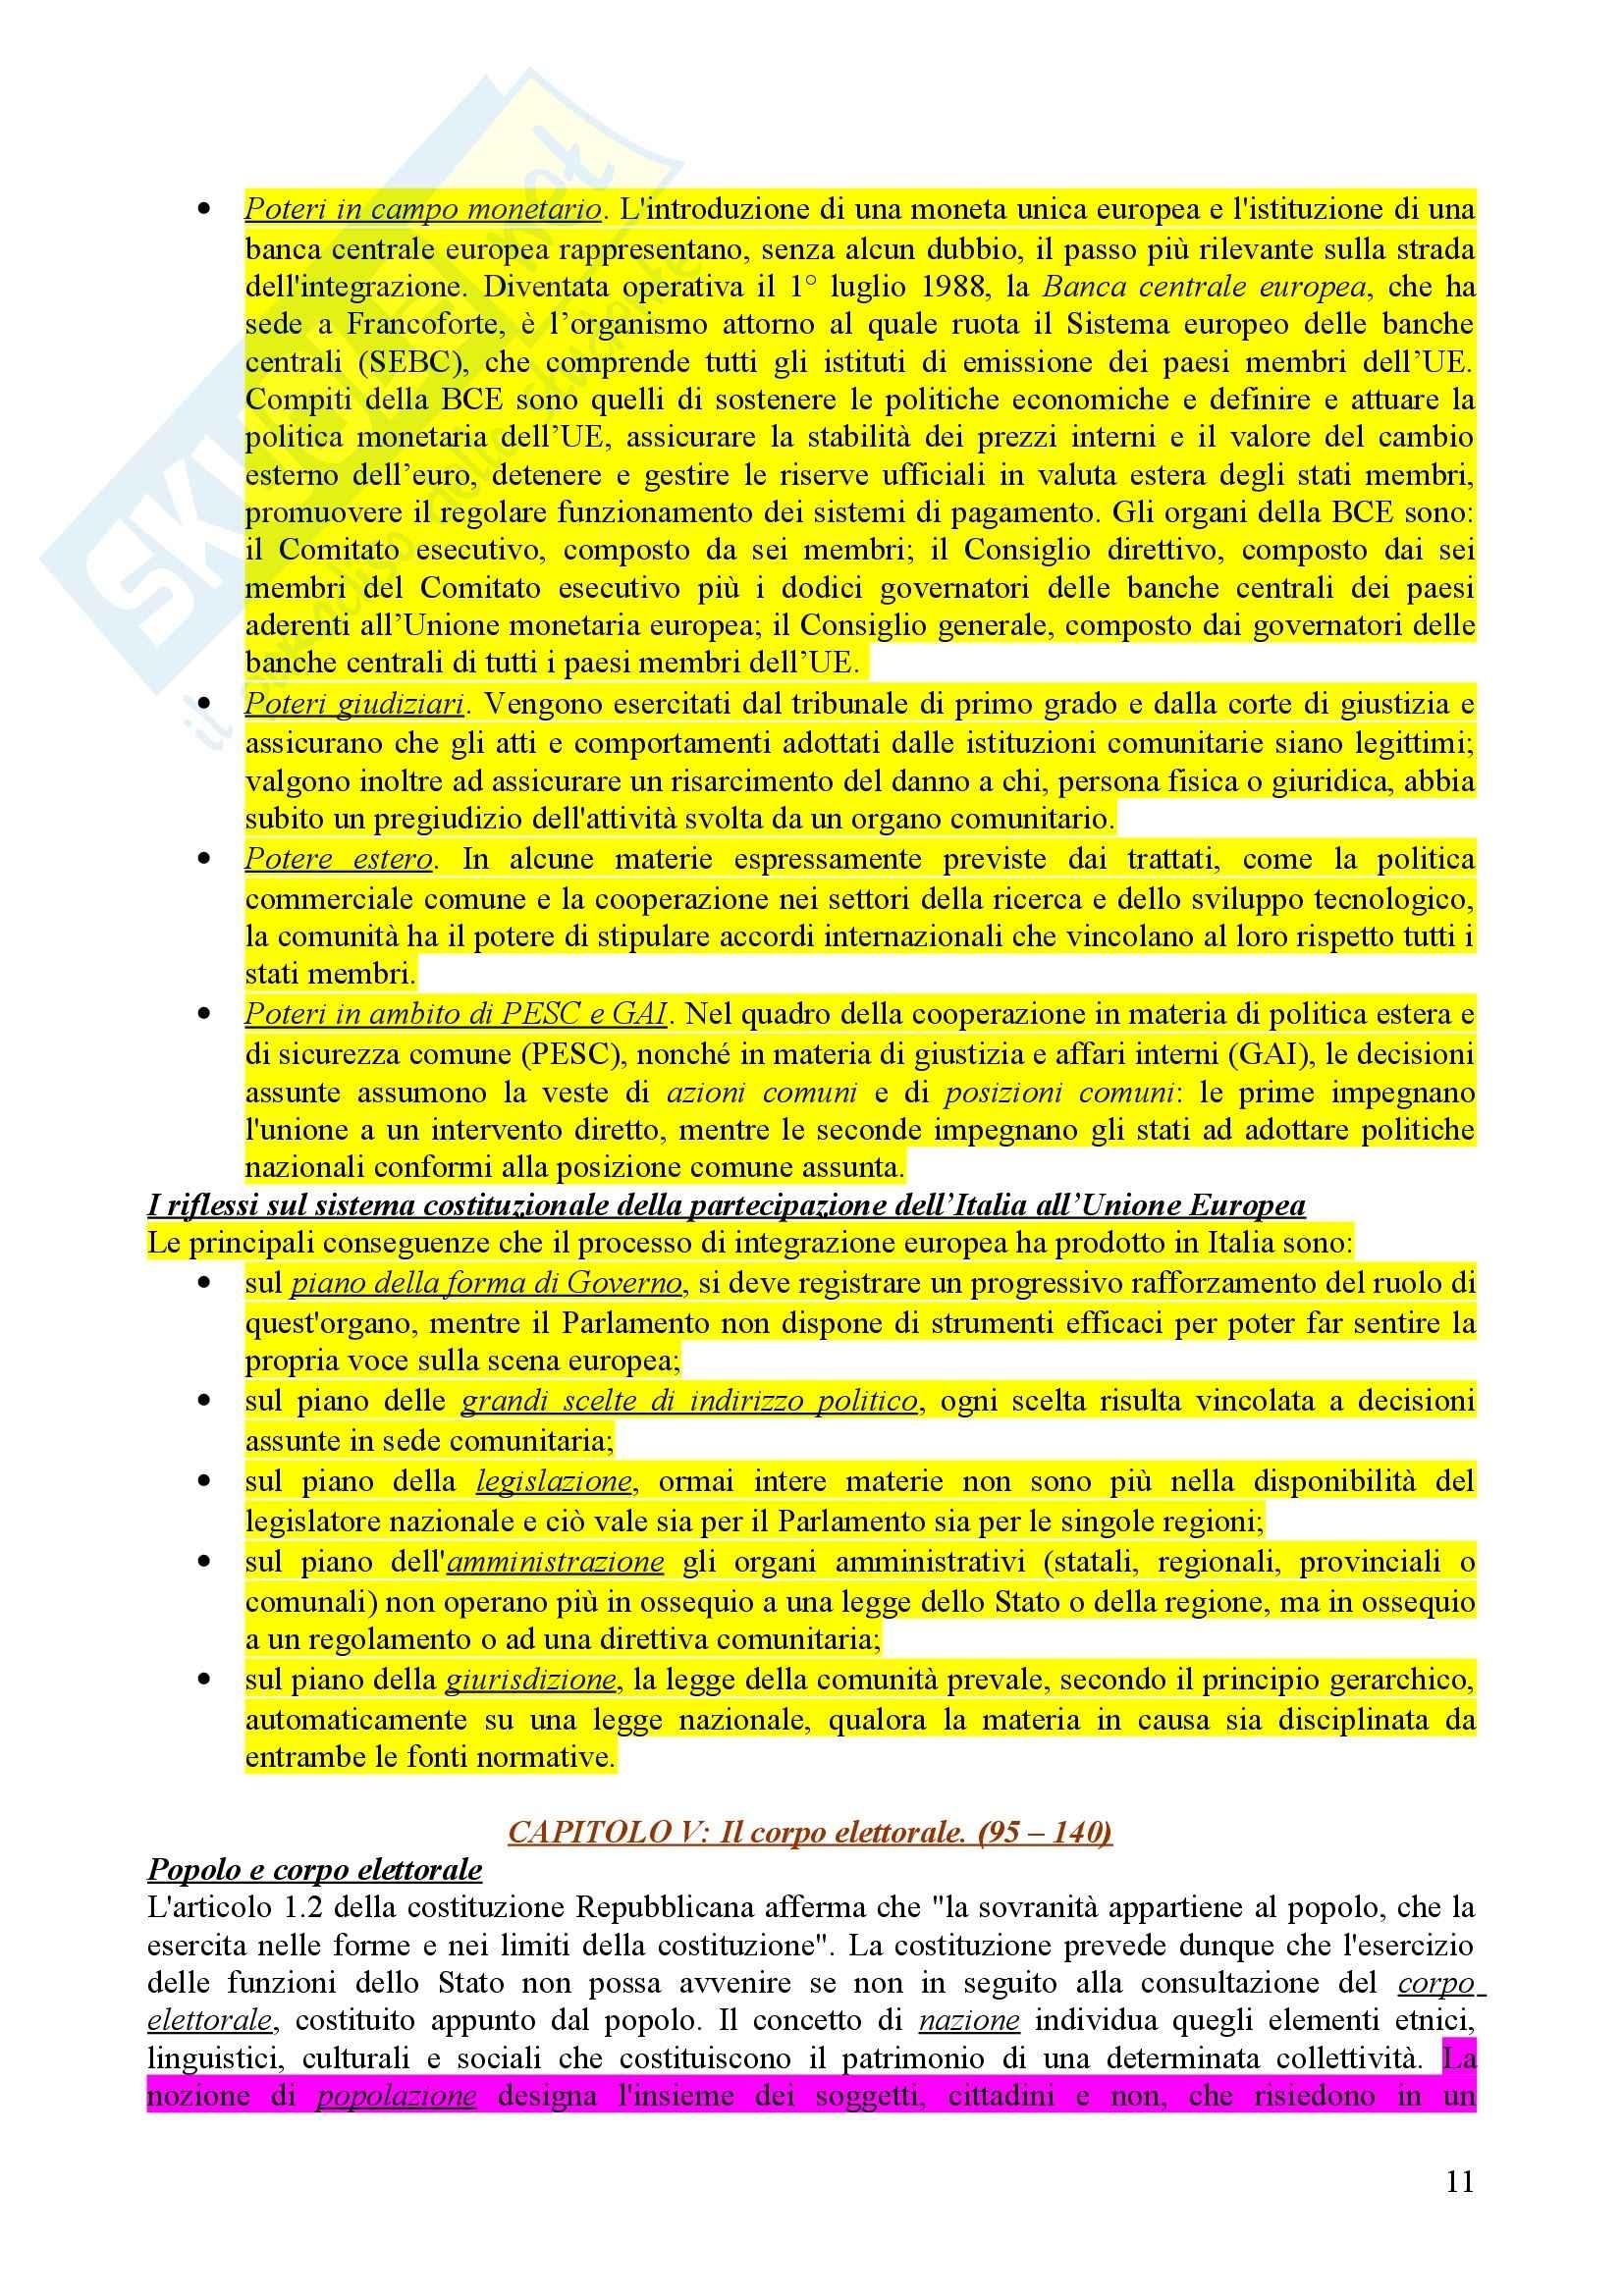 Riassunto esame diritto pubblico, prof. Caravita Pag. 11